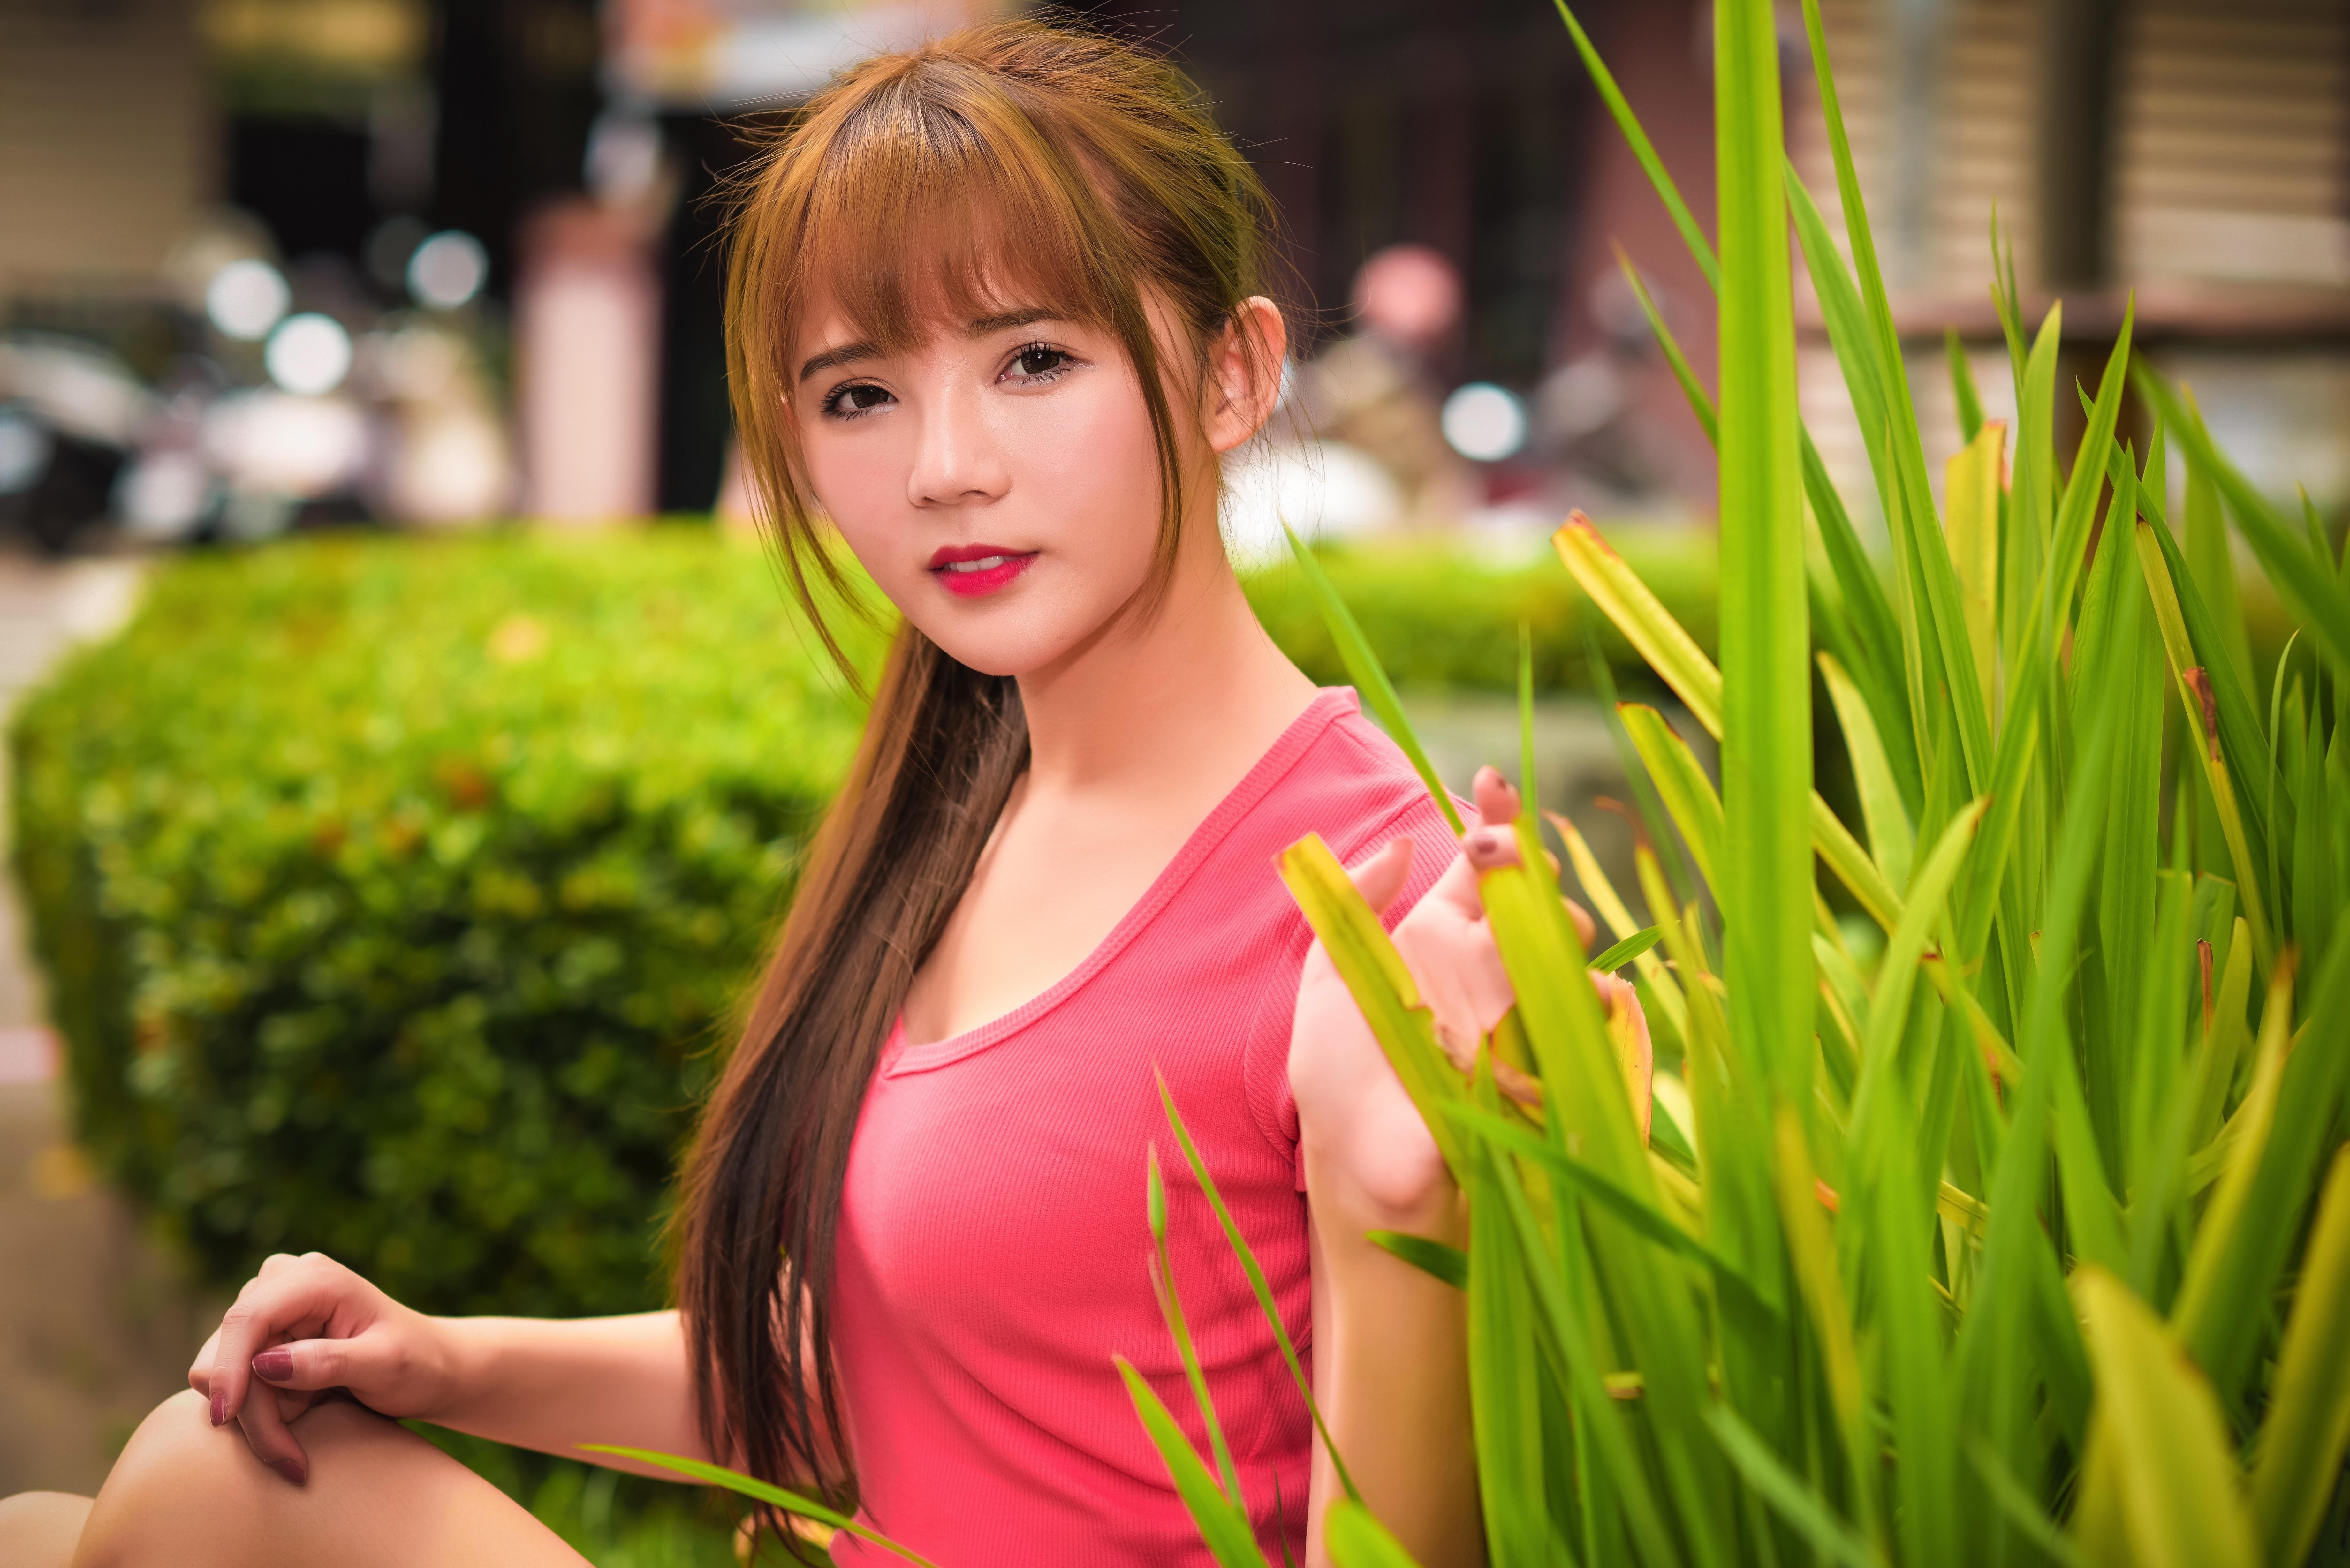 Windsor asian girl